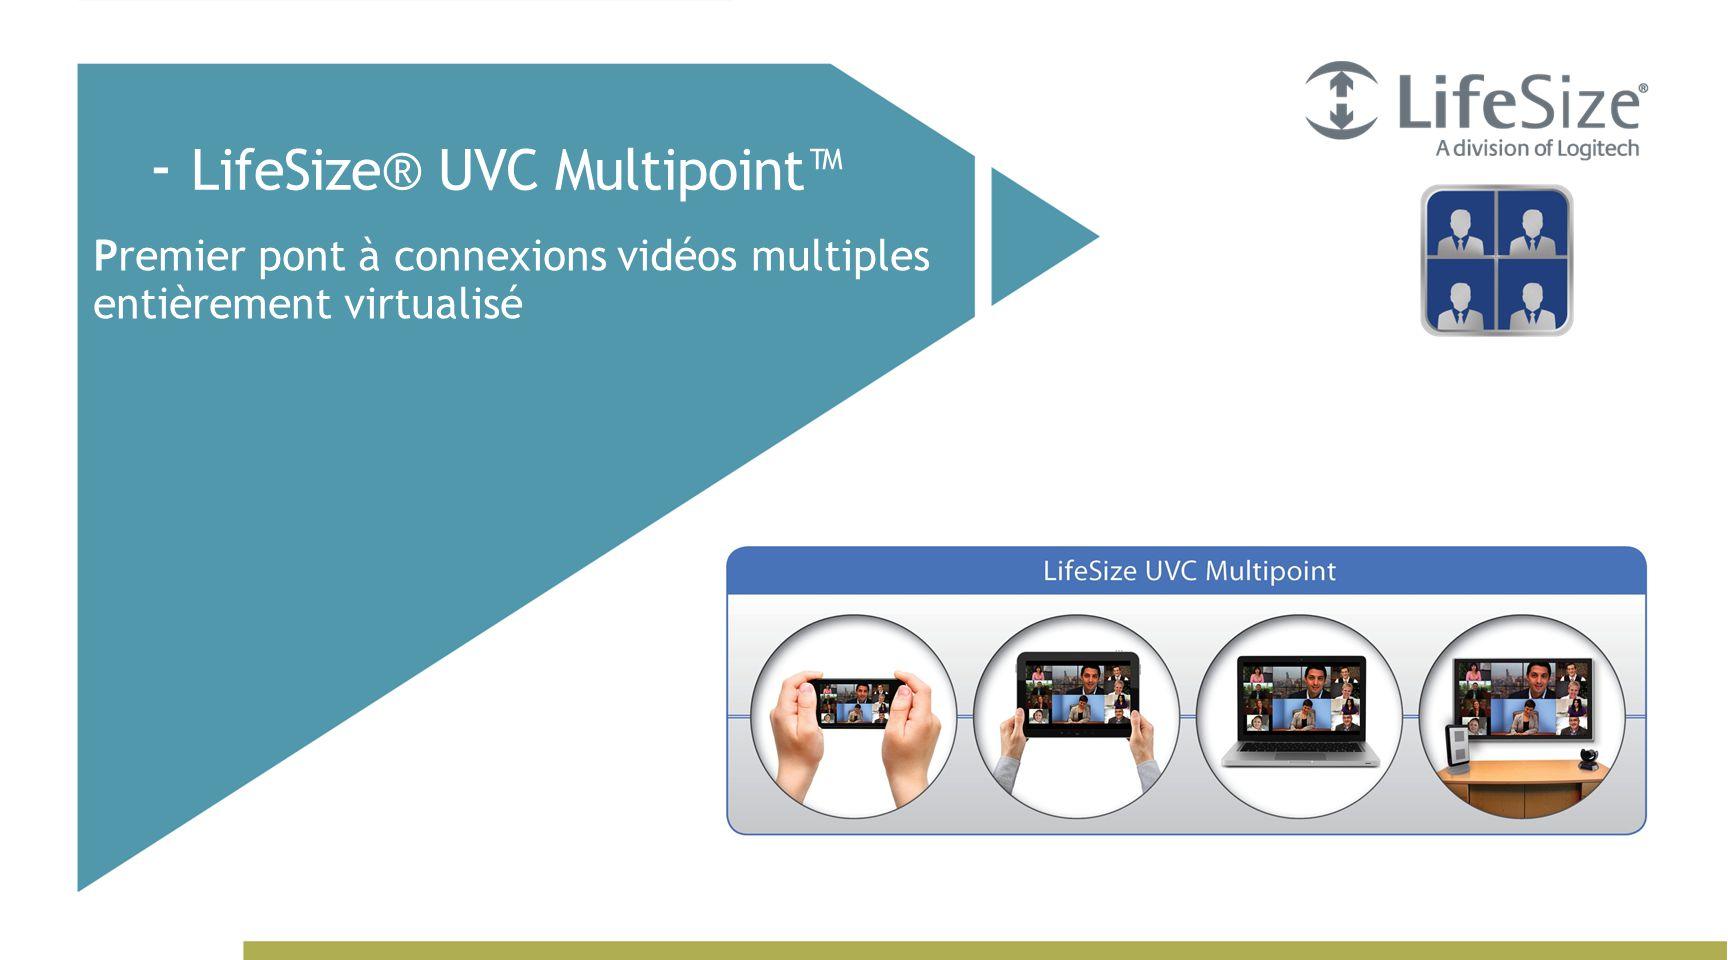 - LifeSize® UVC Multipoint™